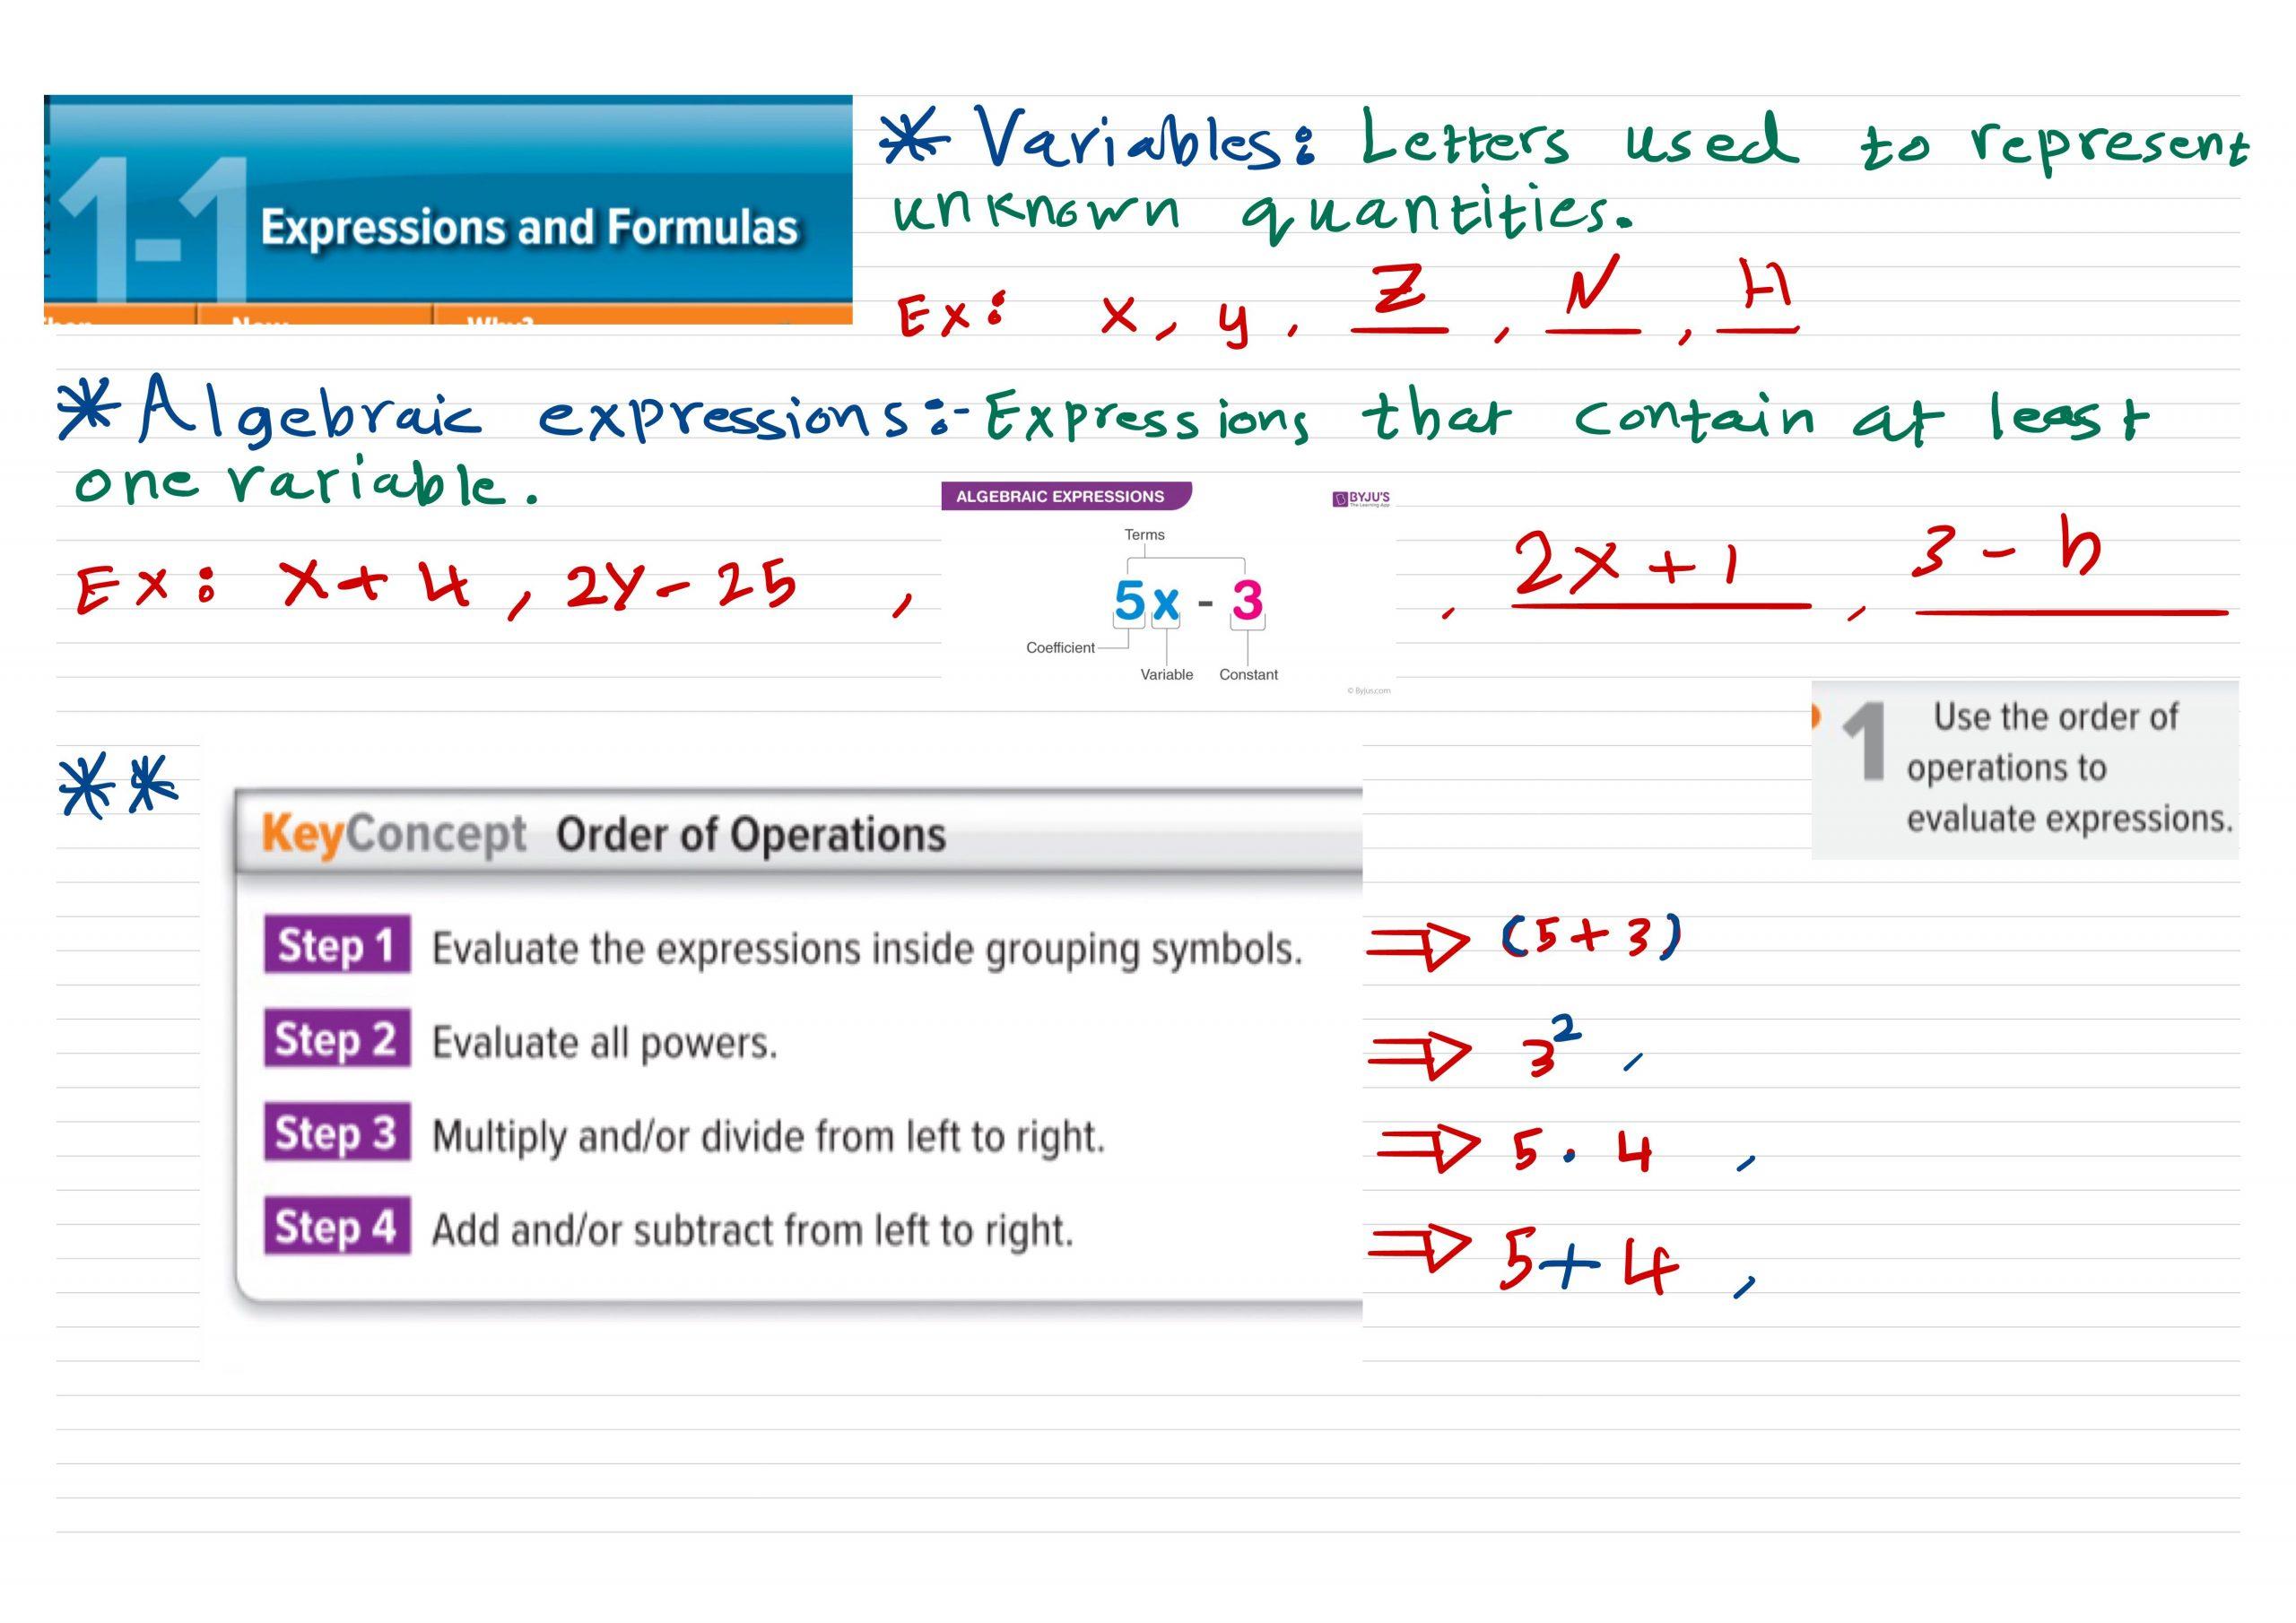 شرح الوحدة الاولى والثانية بالانجليزي الصف الحادي عشر مادة الرياضيات المتكاملة